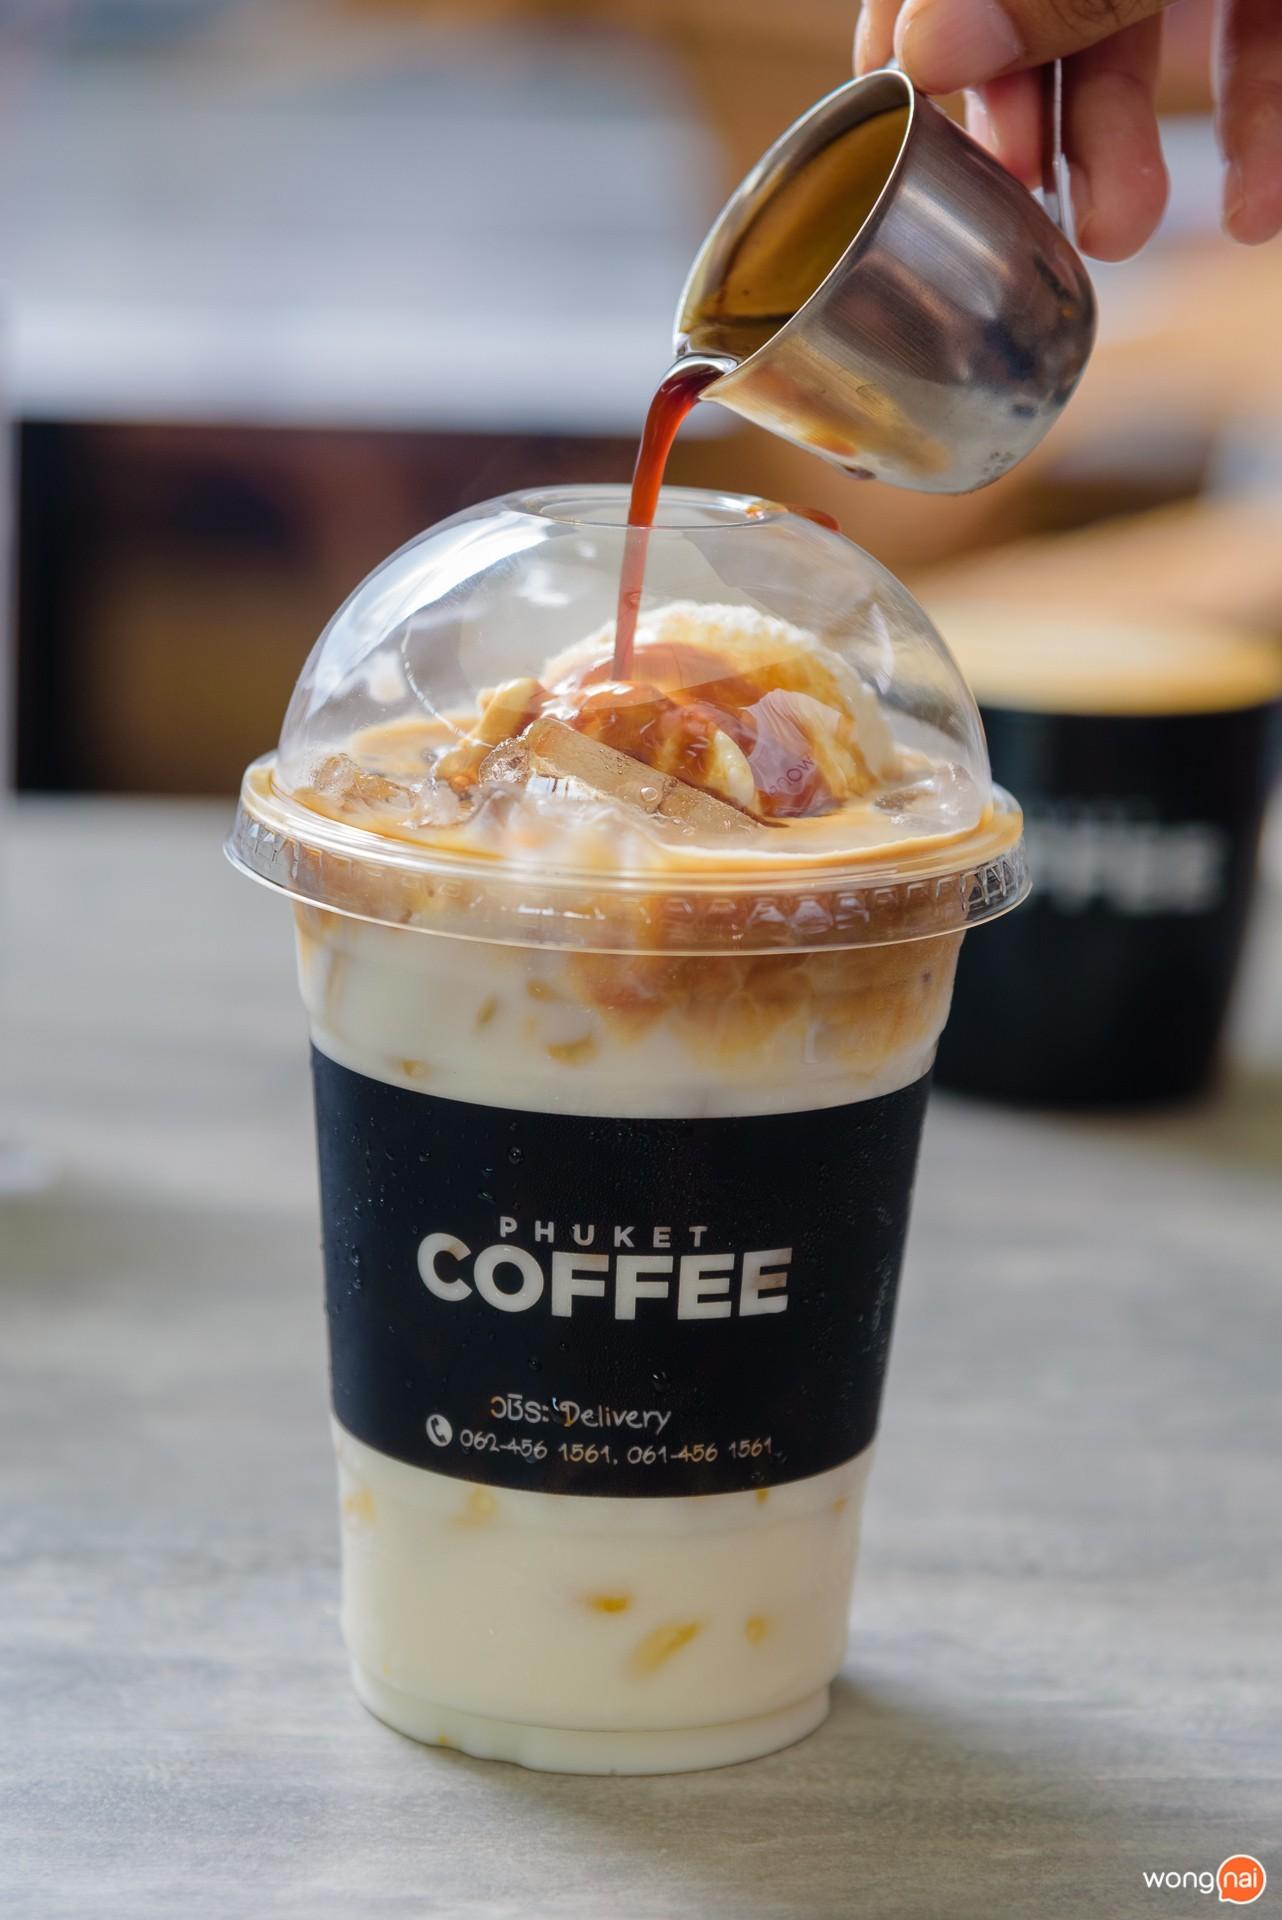 """เมนู """"Phuket Coffee Signature"""" ของร้าน """"Phuket Coffee""""  ในโซน Public House ของห้าง Central Festival Phuket"""